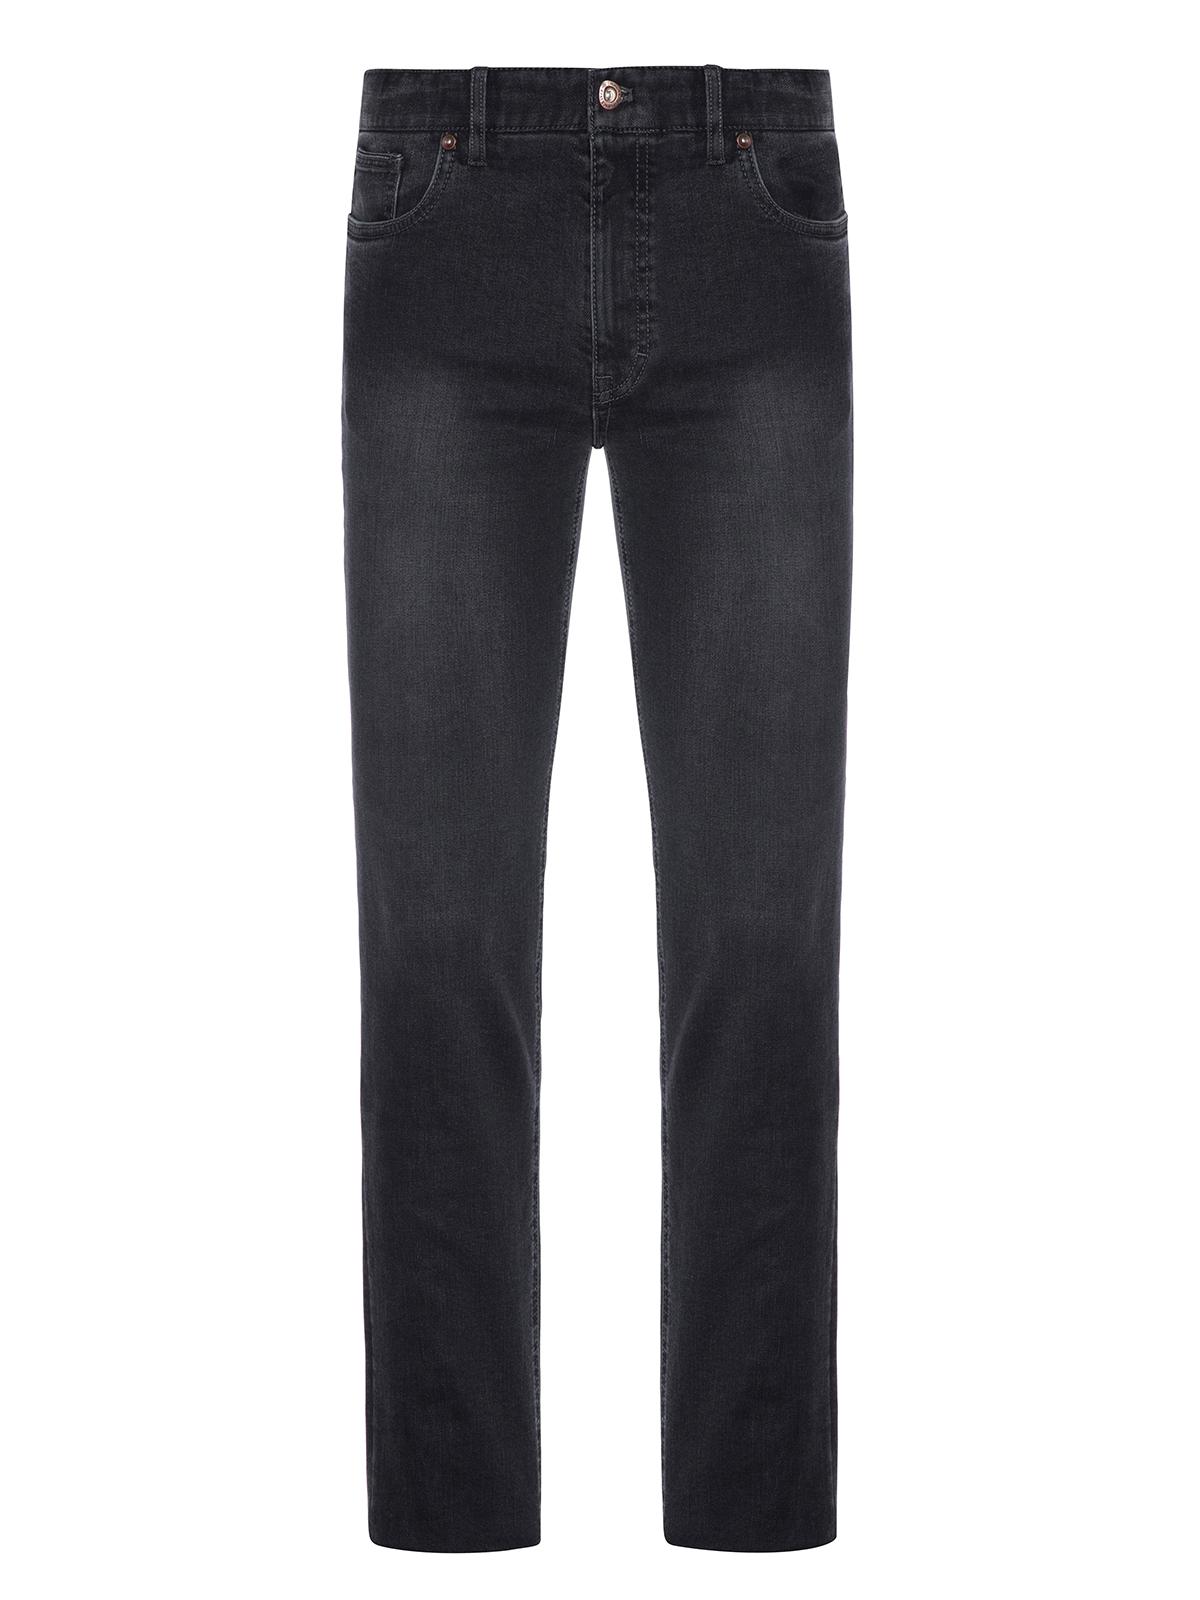 Hiltl - Hiltl Dry Denim Coton Elastane Füme Parker 5 Cep Regular Fit Pantolon